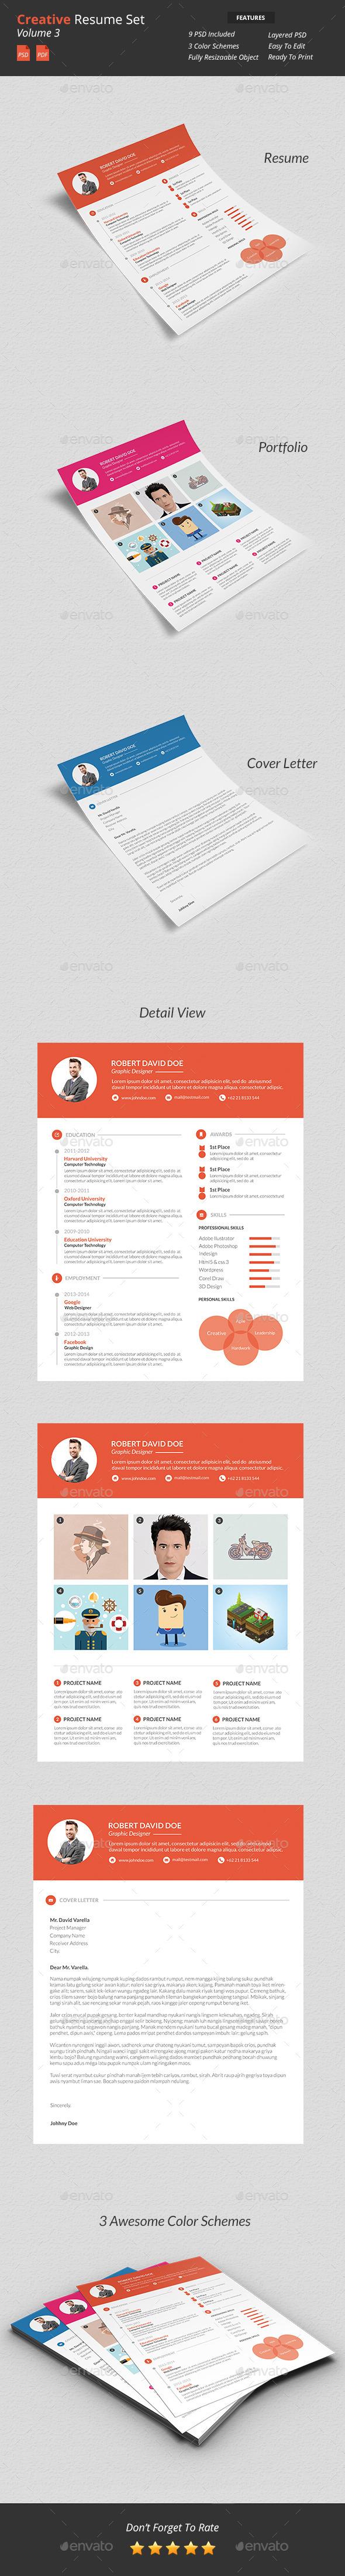 Creative Resume Set v3 - Resumes Stationery